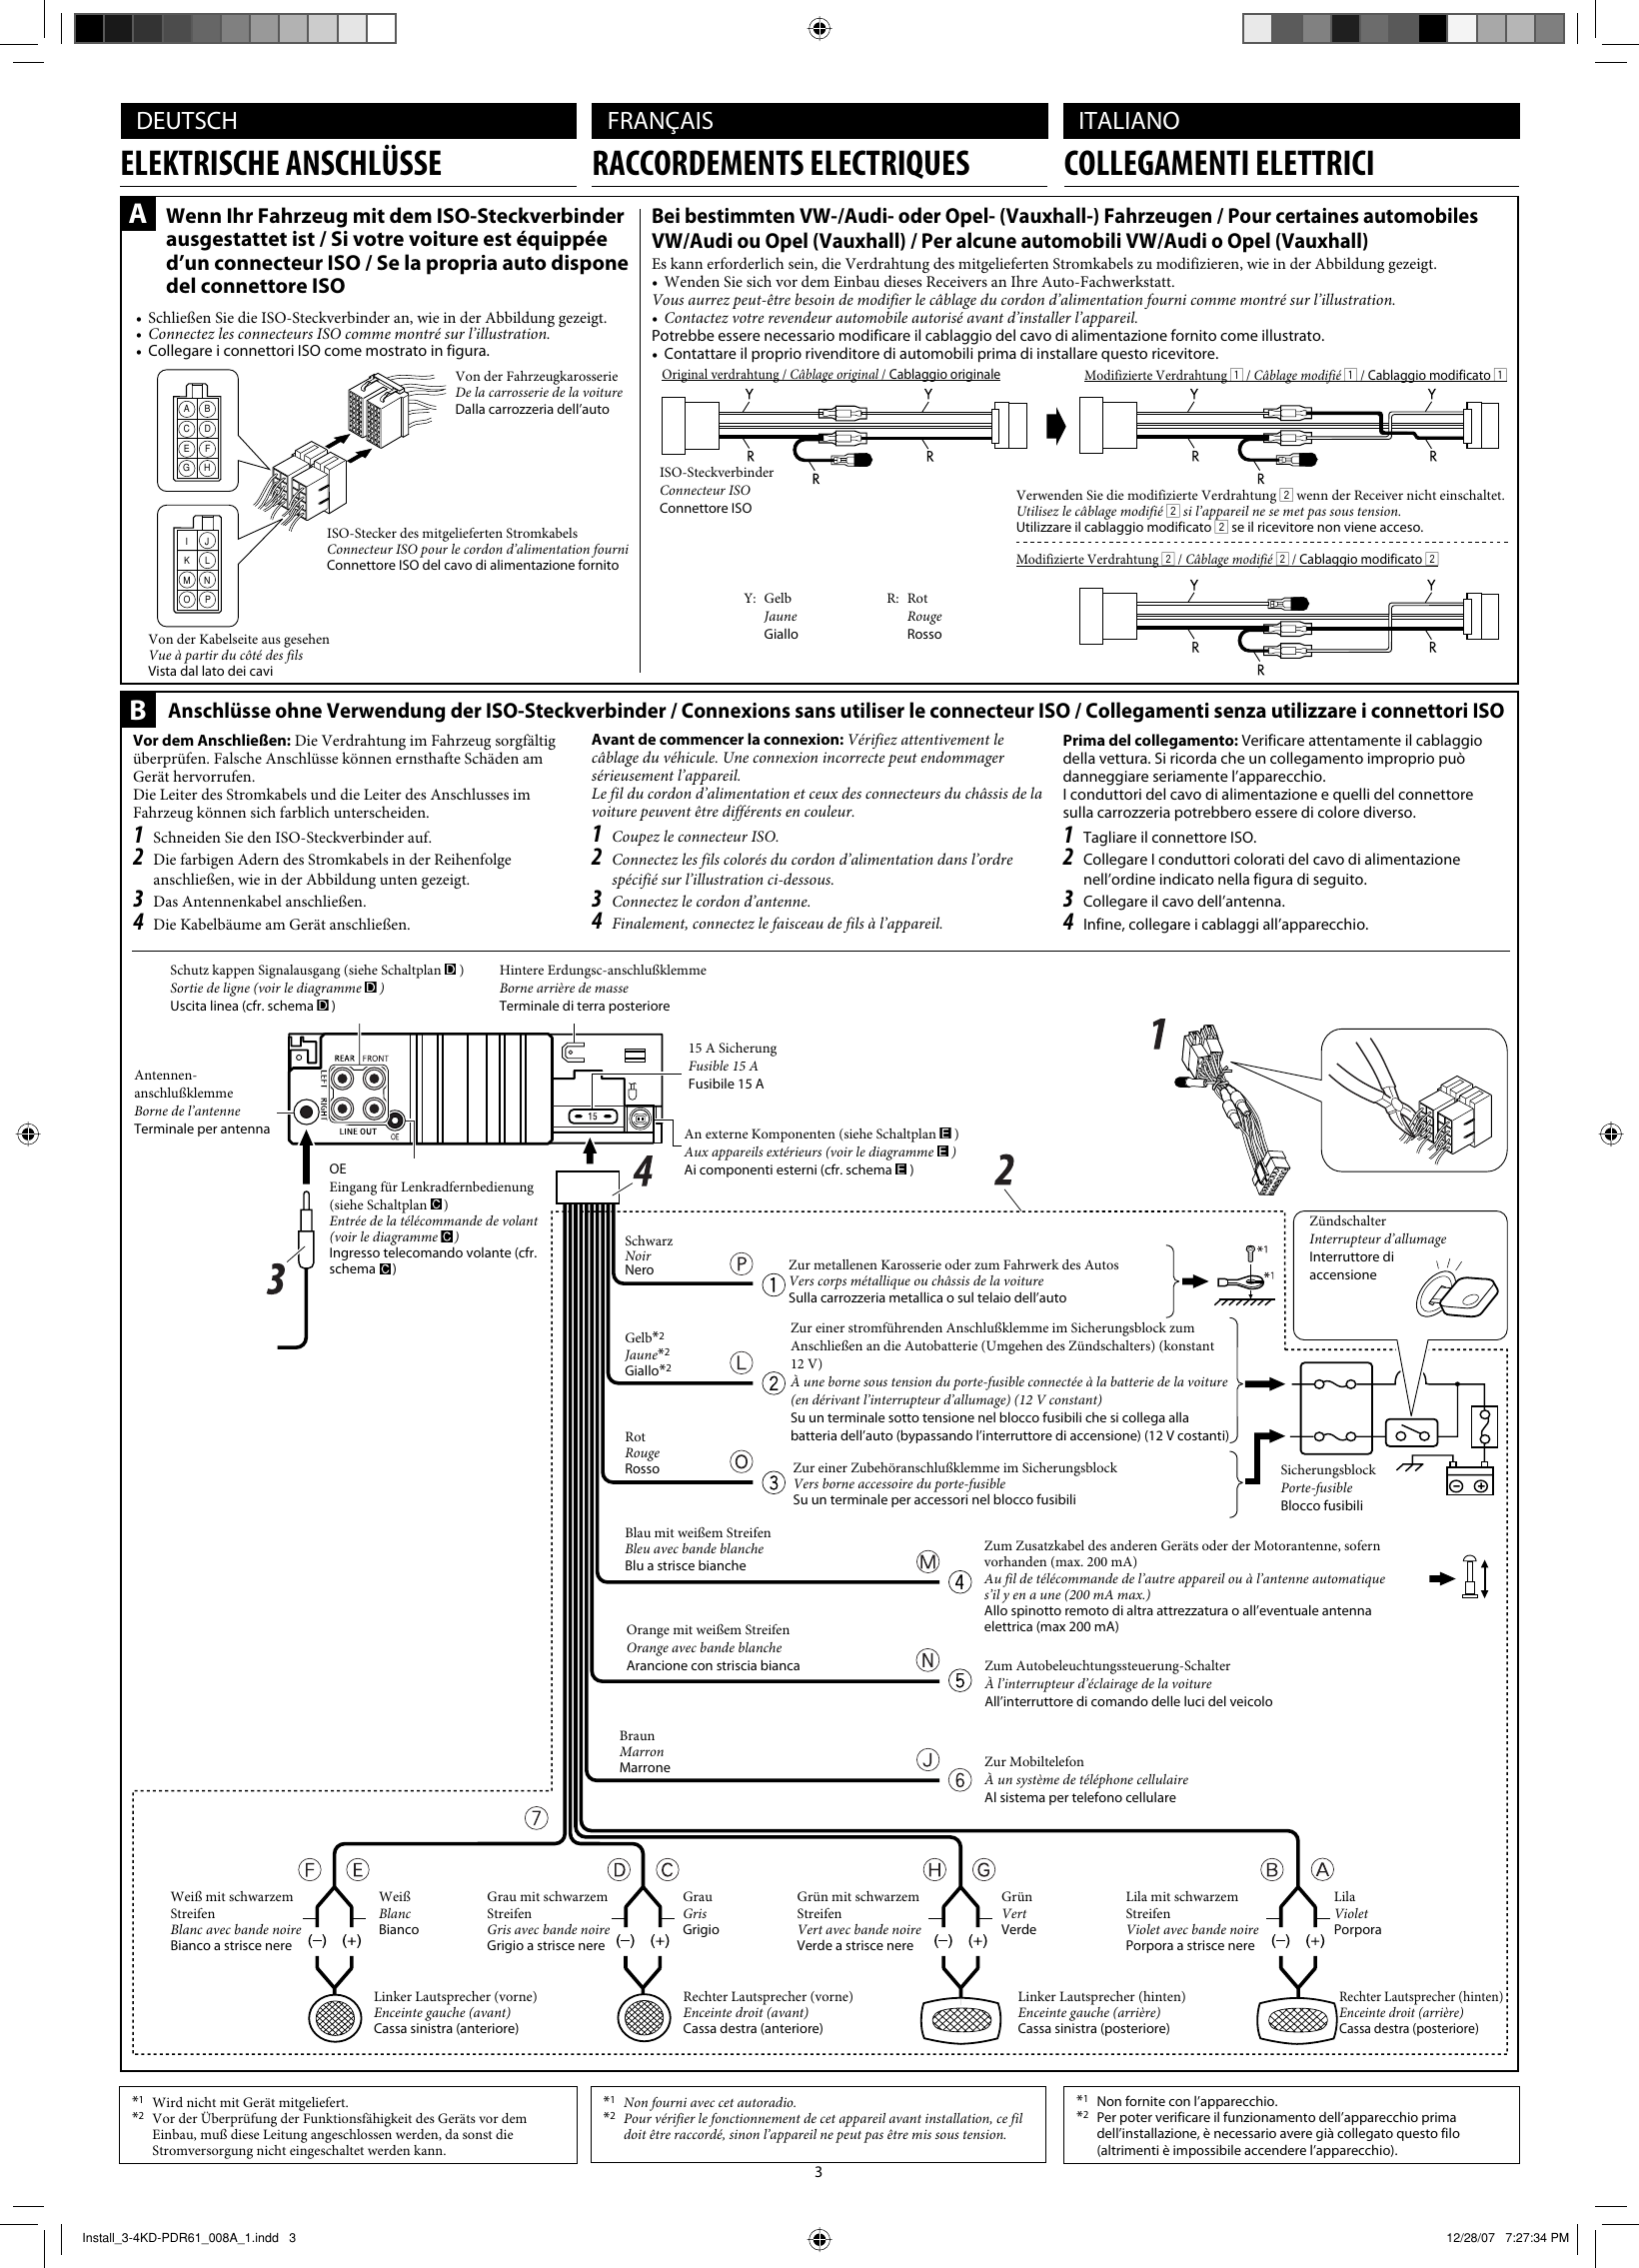 Niedlich Freier Beispiel Bewegungssensor Schaltplan Galerie - Der ...